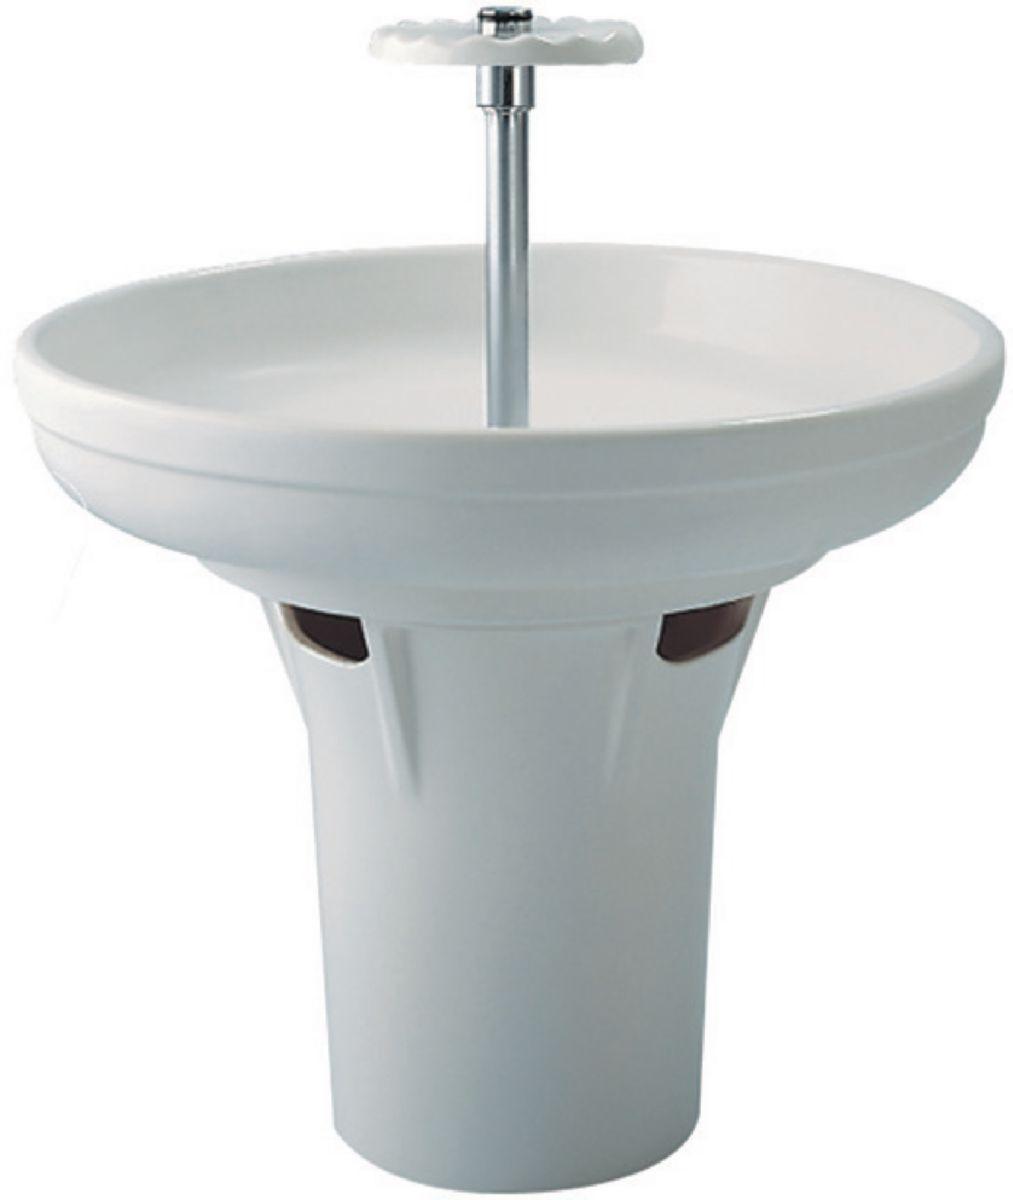 lavabo ancien sur colonne awesome with lavabo ancien sur. Black Bedroom Furniture Sets. Home Design Ideas